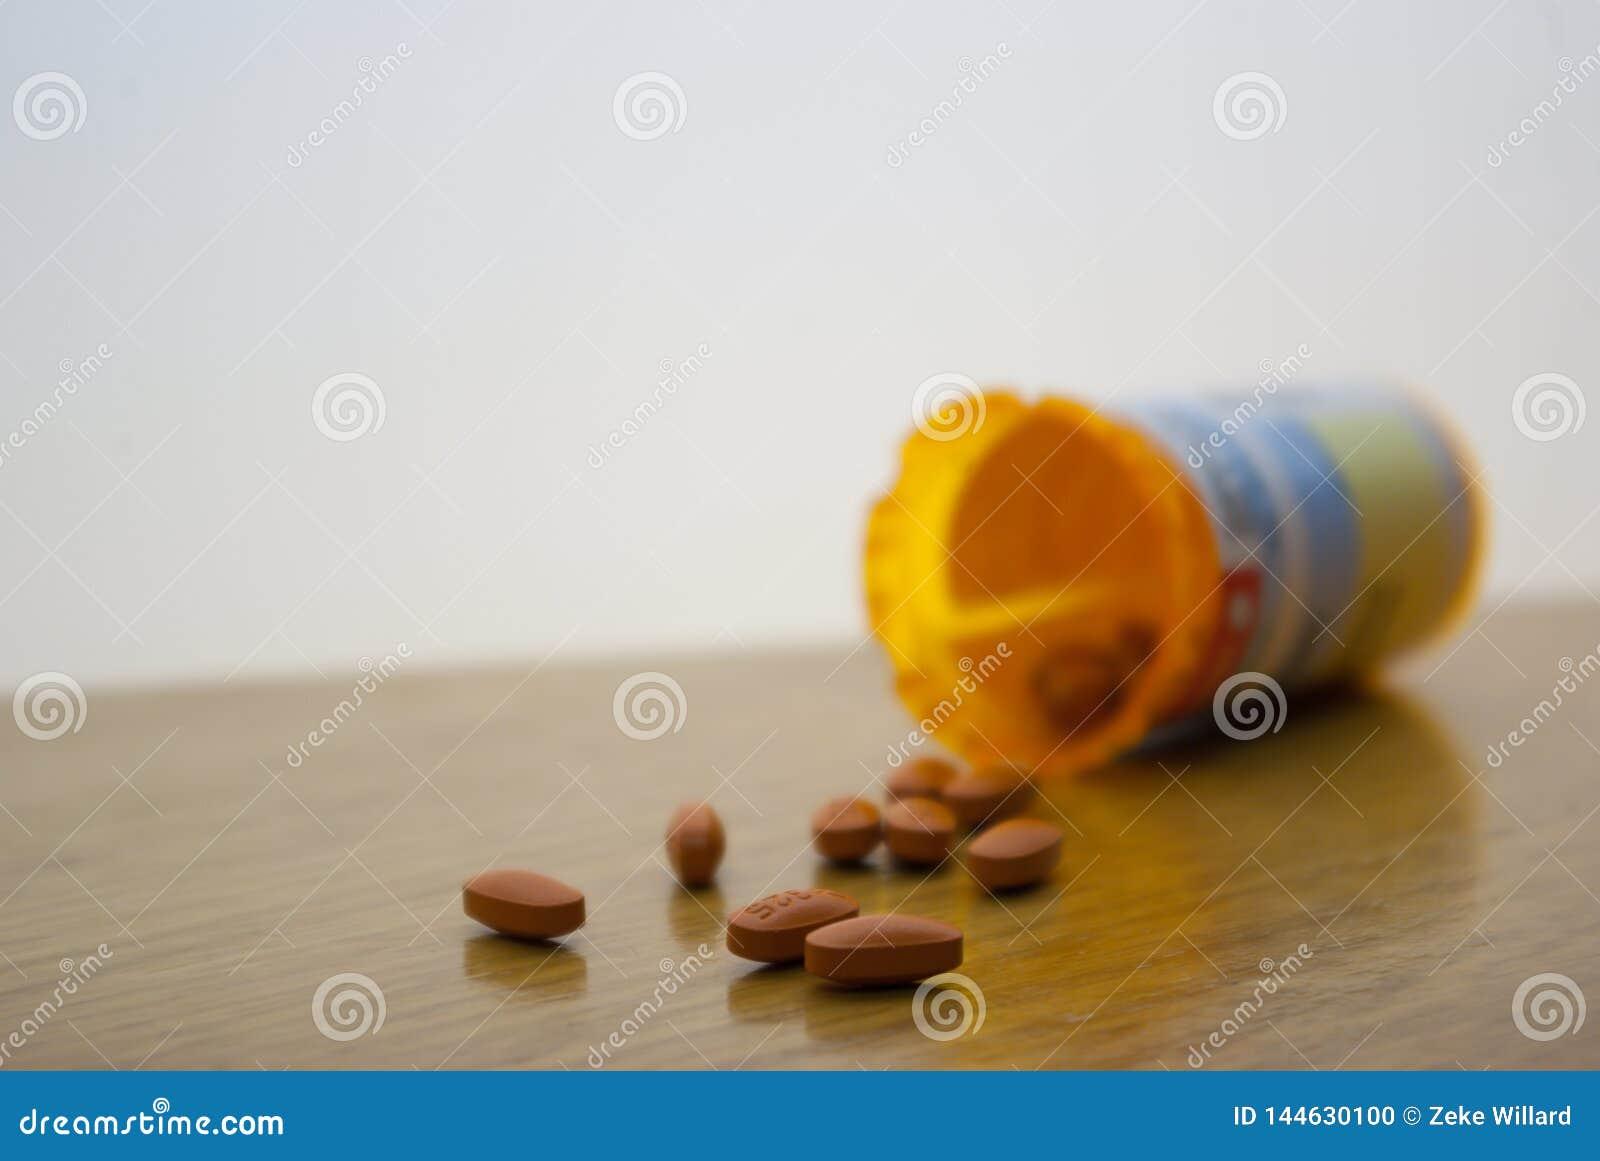 Píldoras anaranjadas derramadas en la superficie blanca